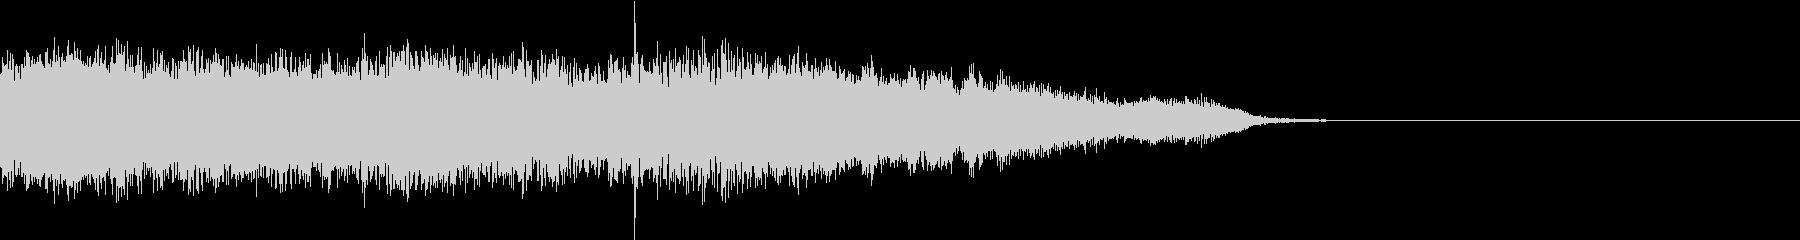 ジングル、サウンドロゴ ROCK01の未再生の波形